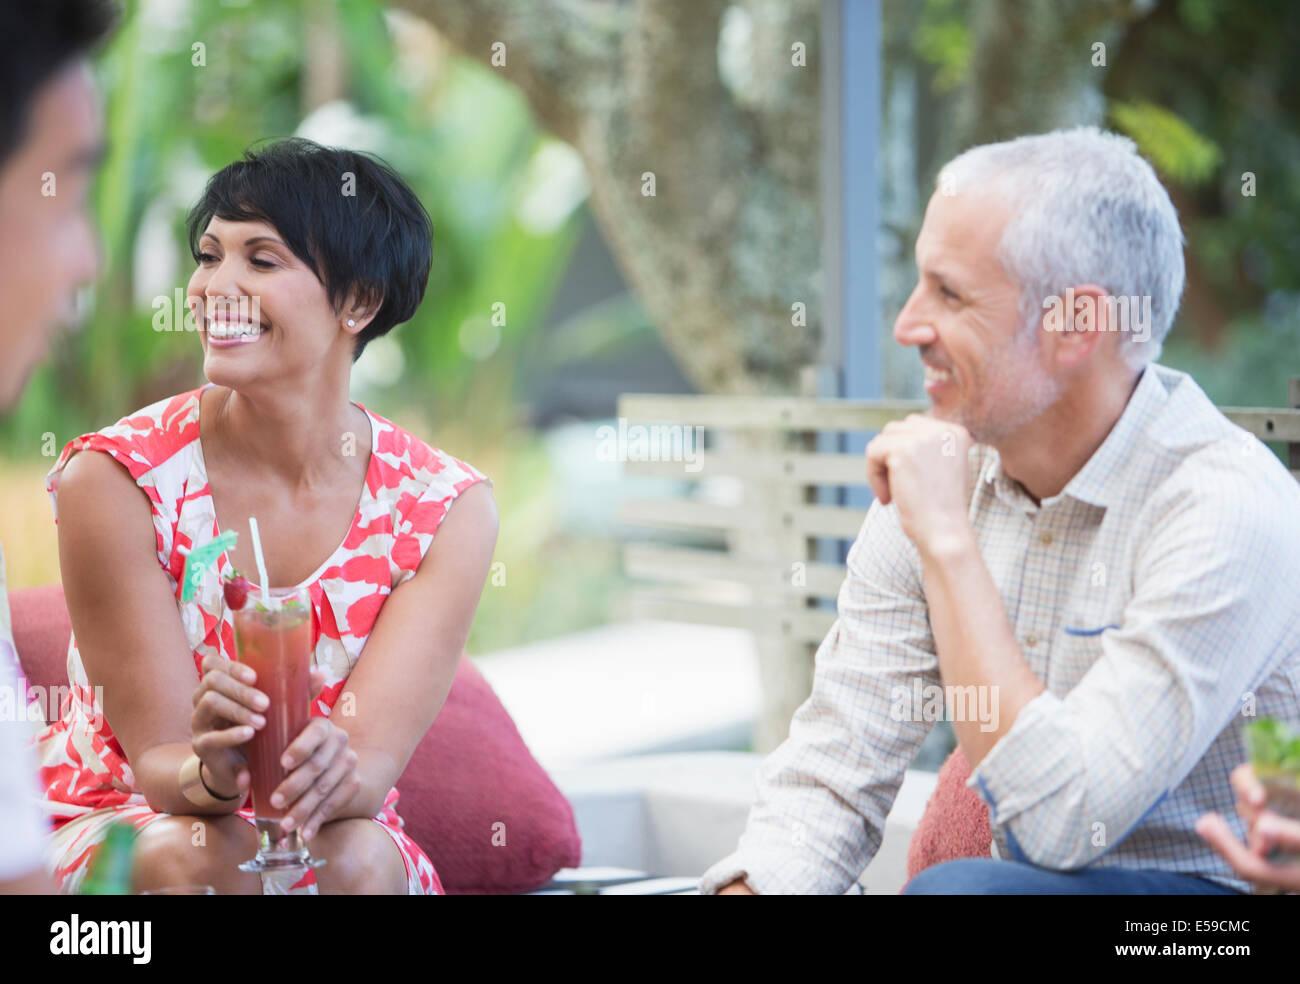 Paar erholsame zusammen auf party Stockbild